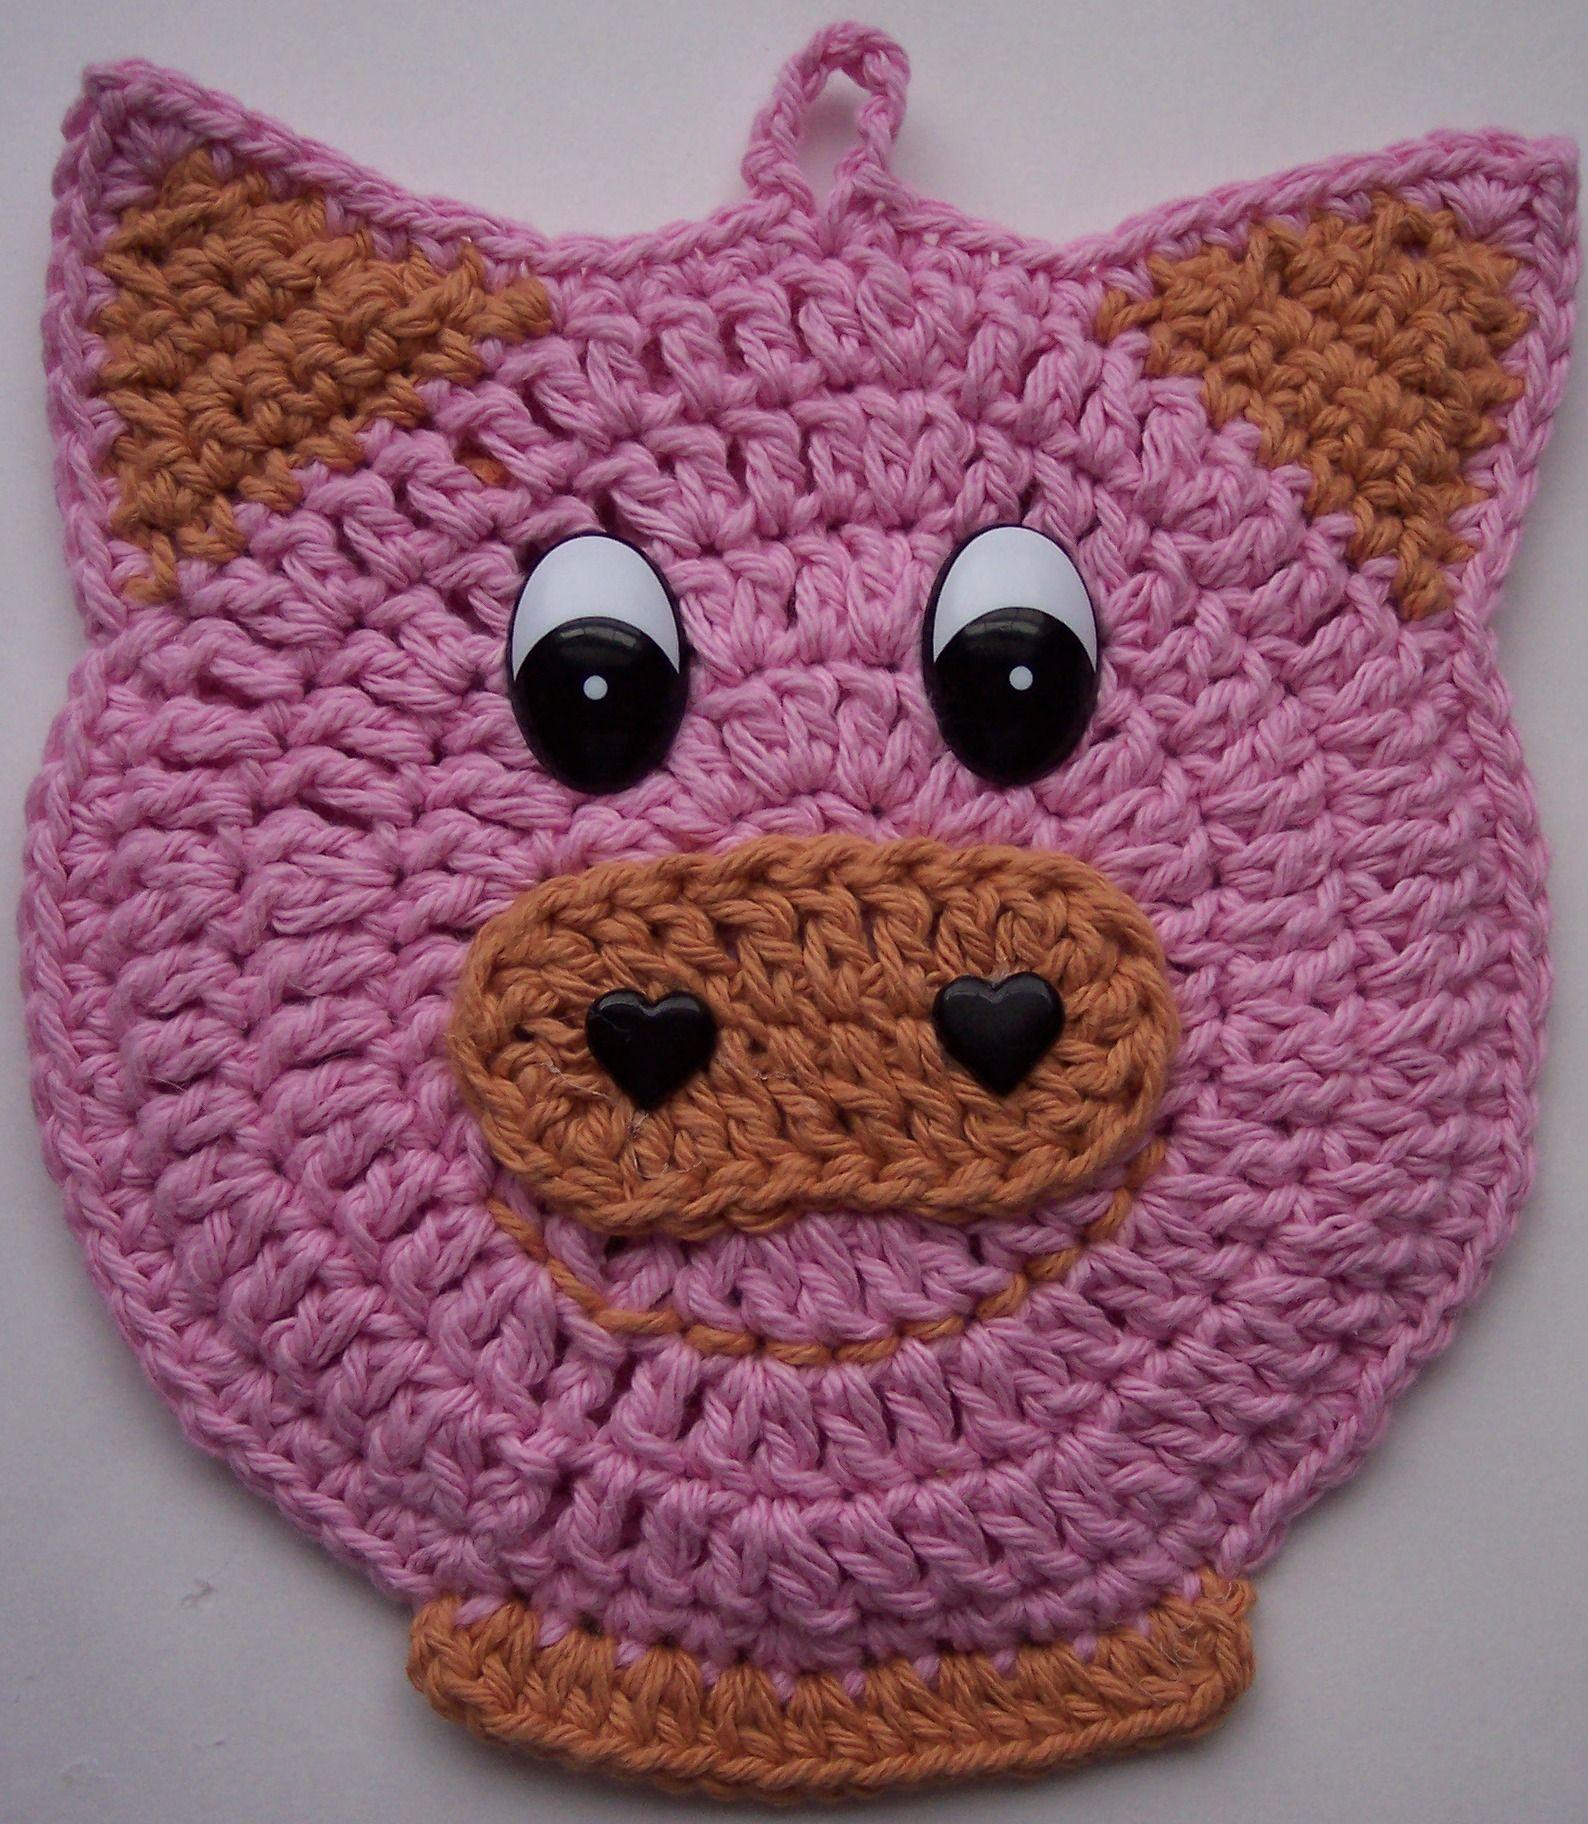 Crochet Potholder : Crochet Pig Potholder Crochet 4 Pinterest